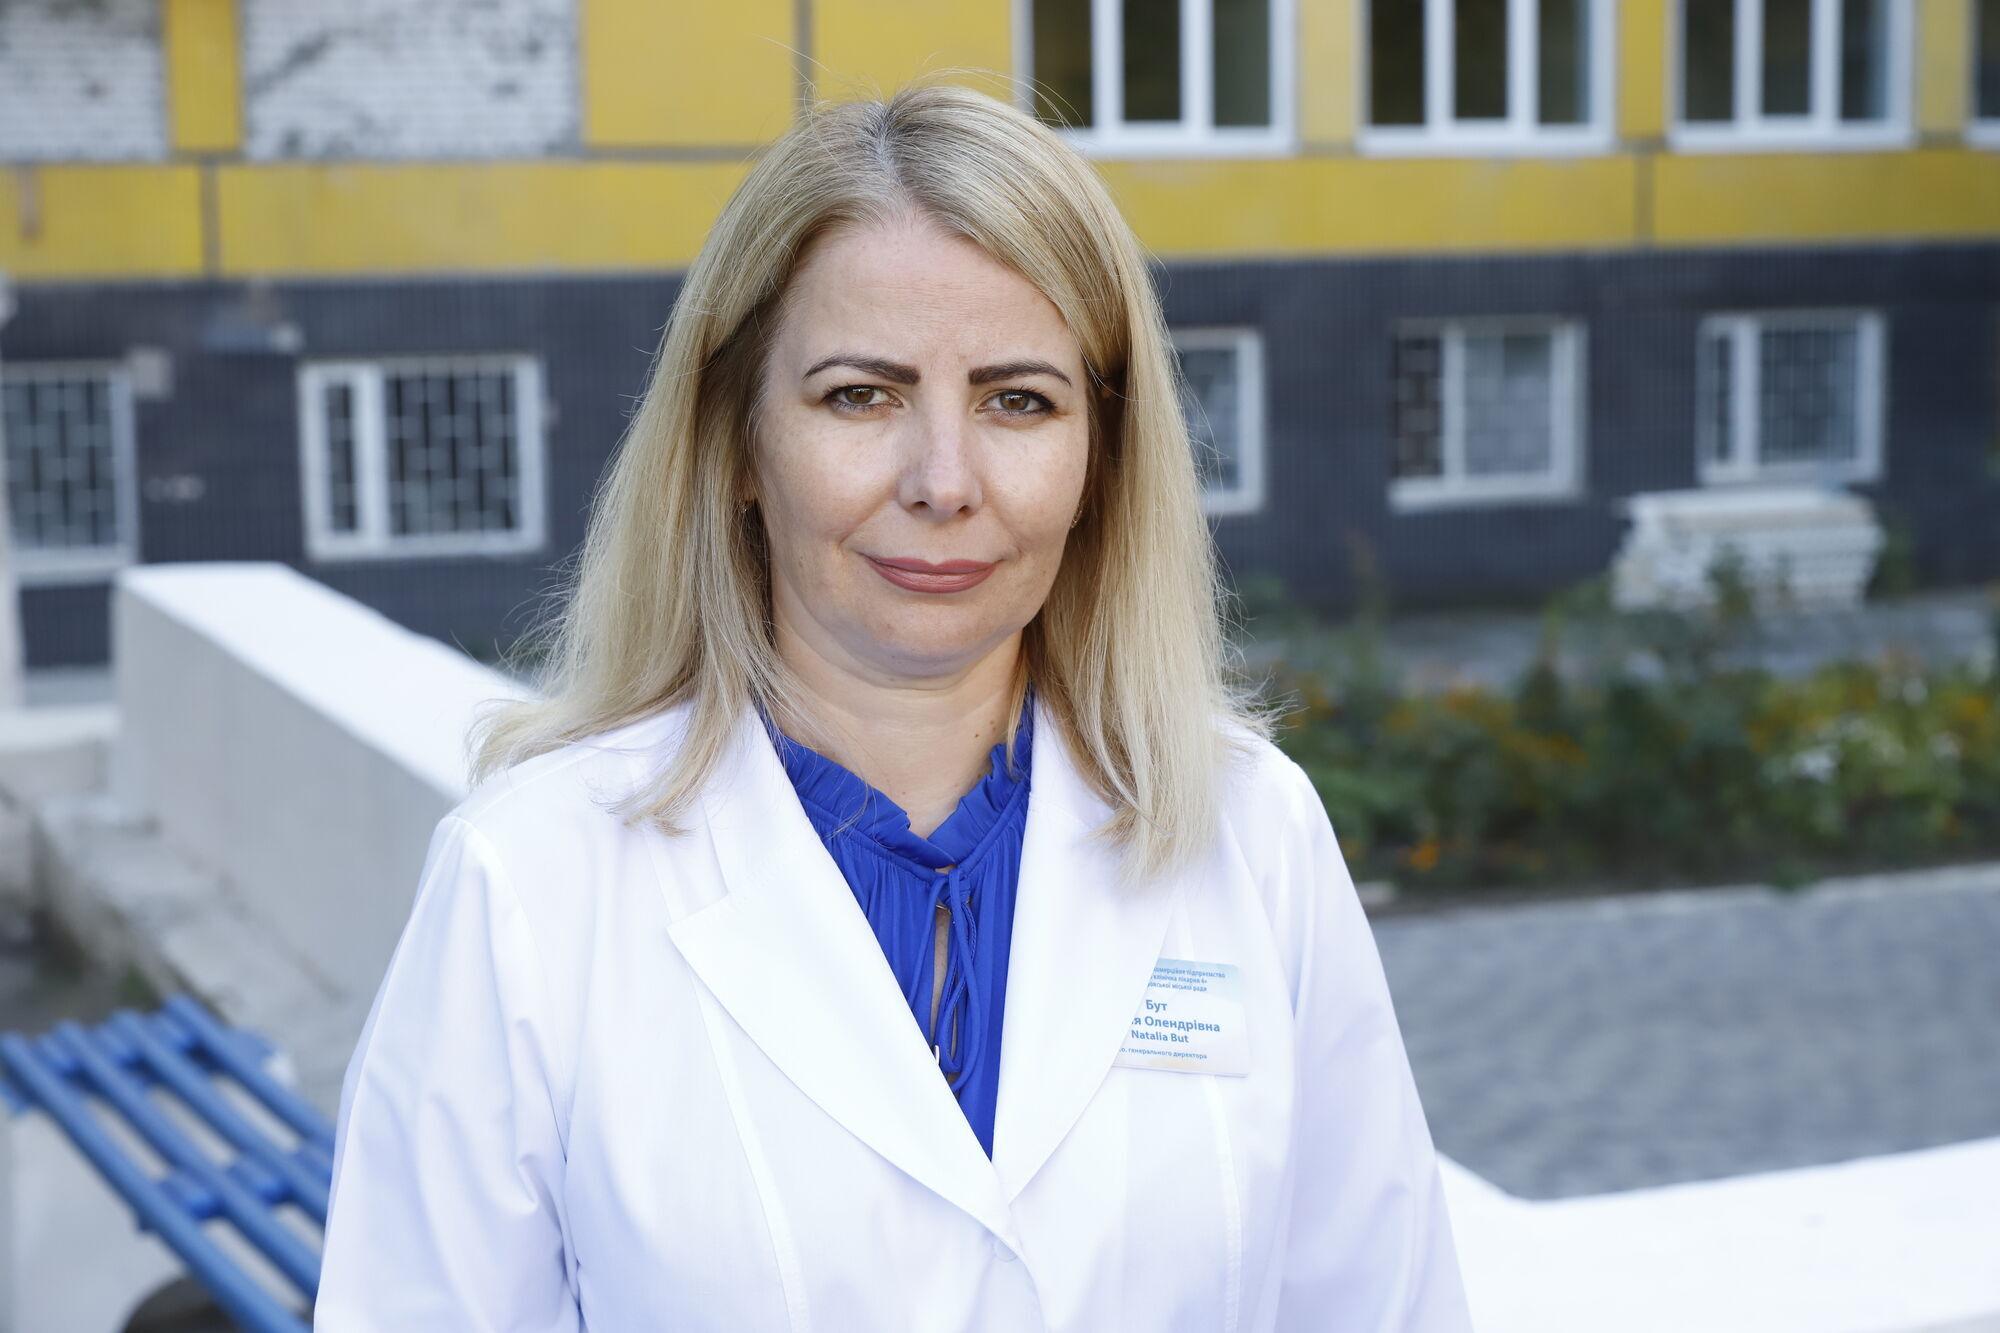 И. о. генерального директора больницы Наталья Бут